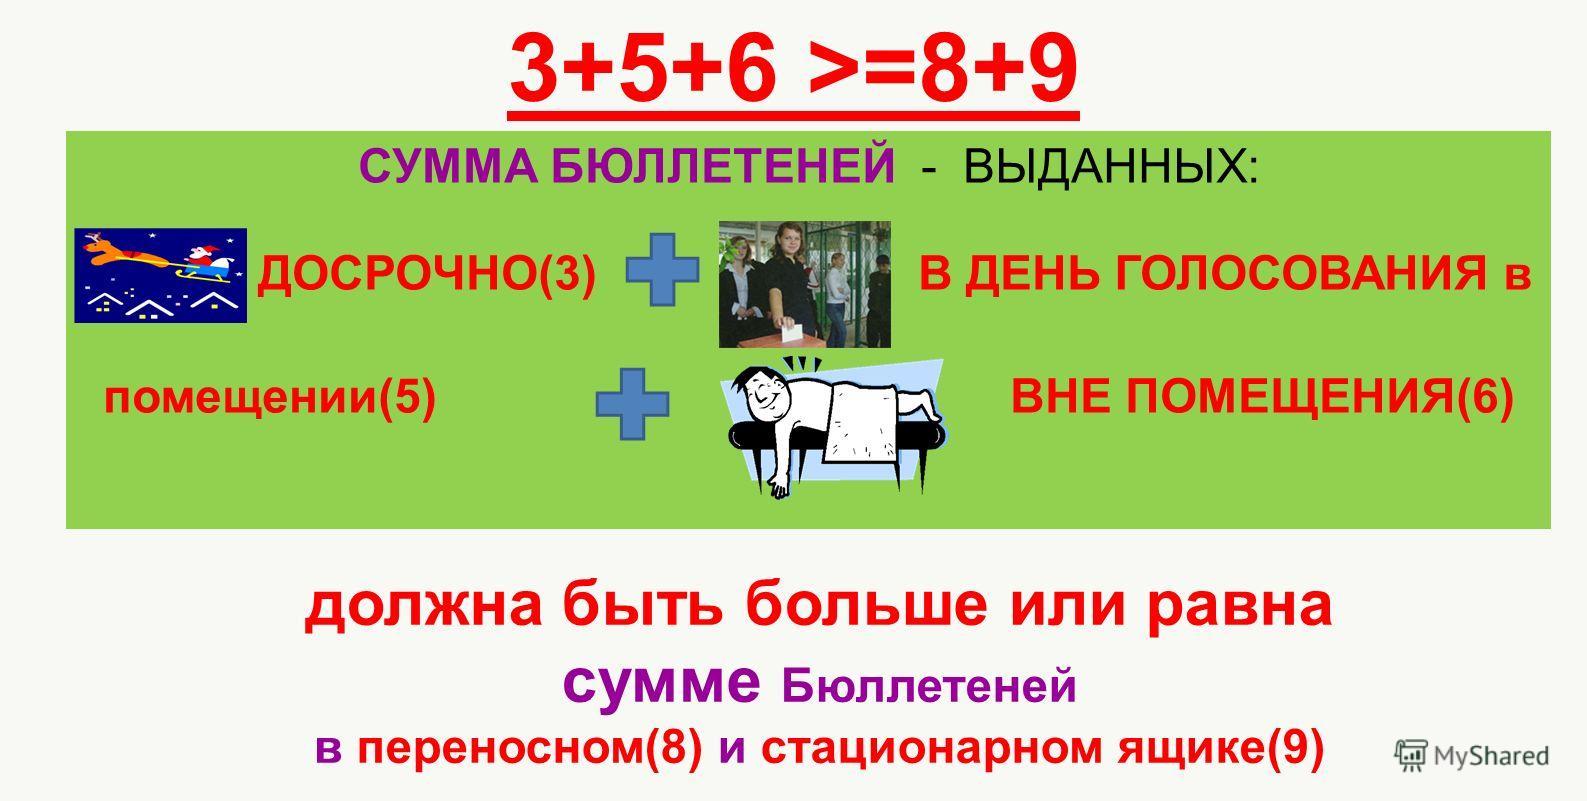 3+5+6 >=8+9 СУММА БЮЛЛЕТЕНЕЙ - ВЫДАННЫХ: ДОСРОЧНО(3) В ДЕНЬ ГОЛОСОВАНИЯ в помещении(5) ВНЕ ПОМЕЩЕНИЯ(6) должна быть больше или равна сумме Бюллетеней в переносном(8) и стационарном ящике(9)